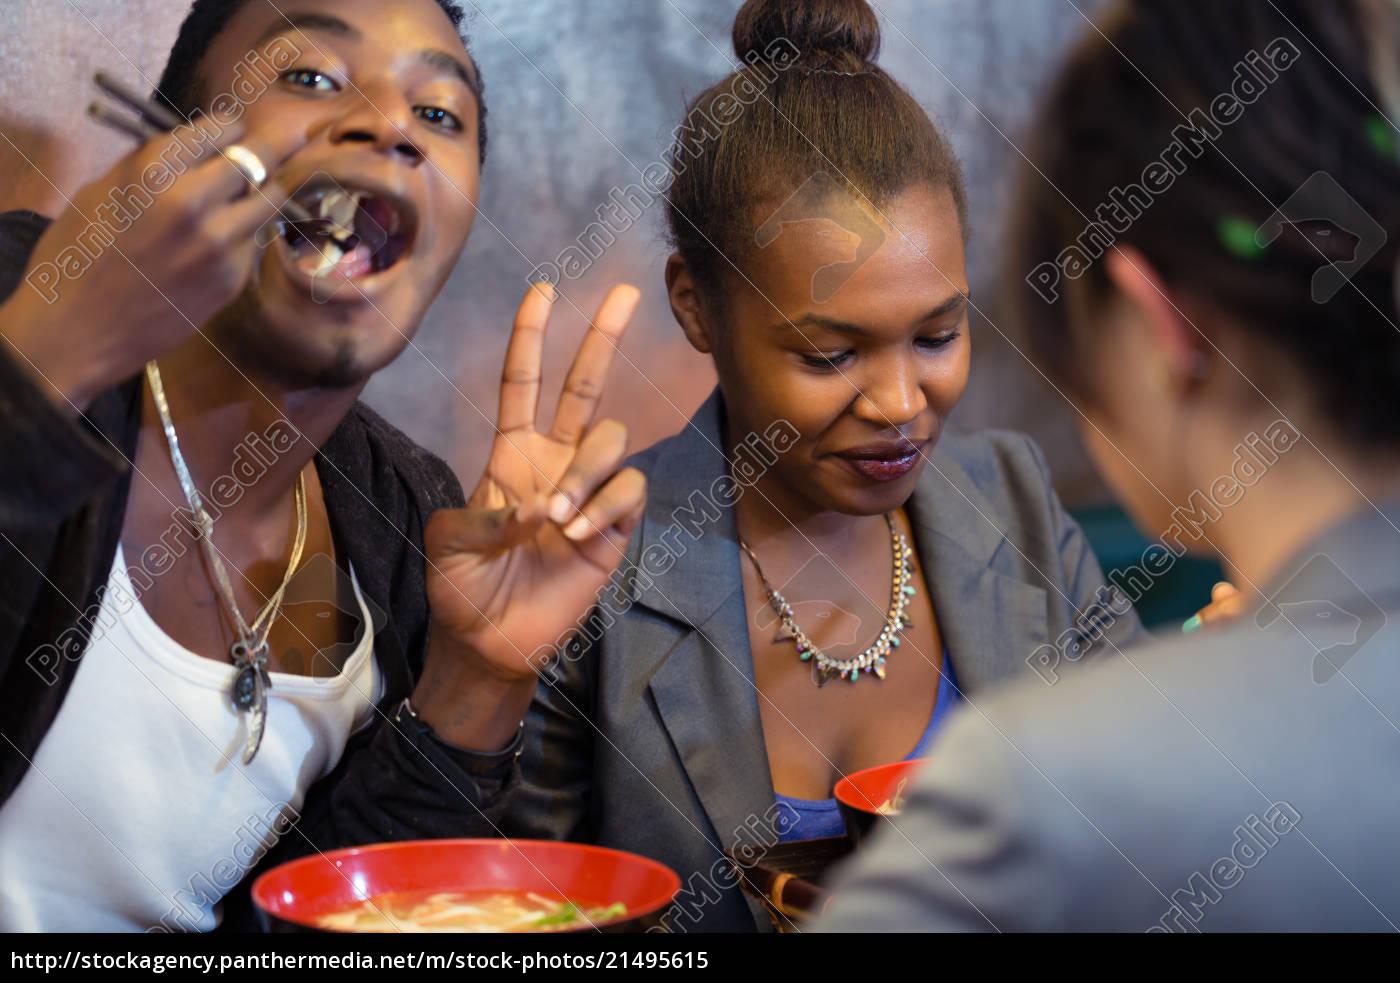 gruppe, von, jungen, schwarzen, menschen, essen - 21495615